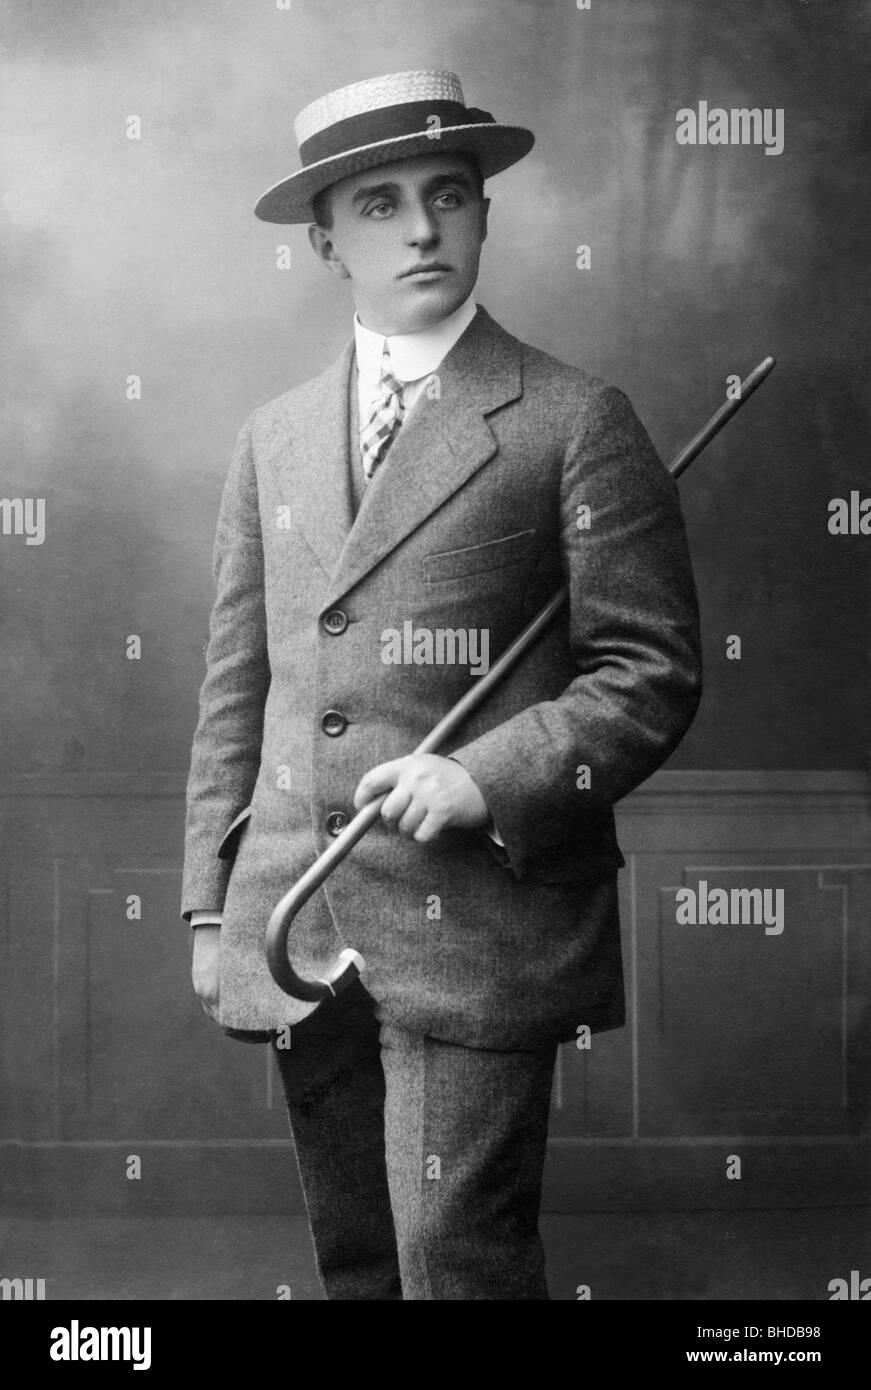 Complètement et à l'extrême Les gens, hommes, portrait / demi-longueur 1900 - 1930, l'homme #QK_59